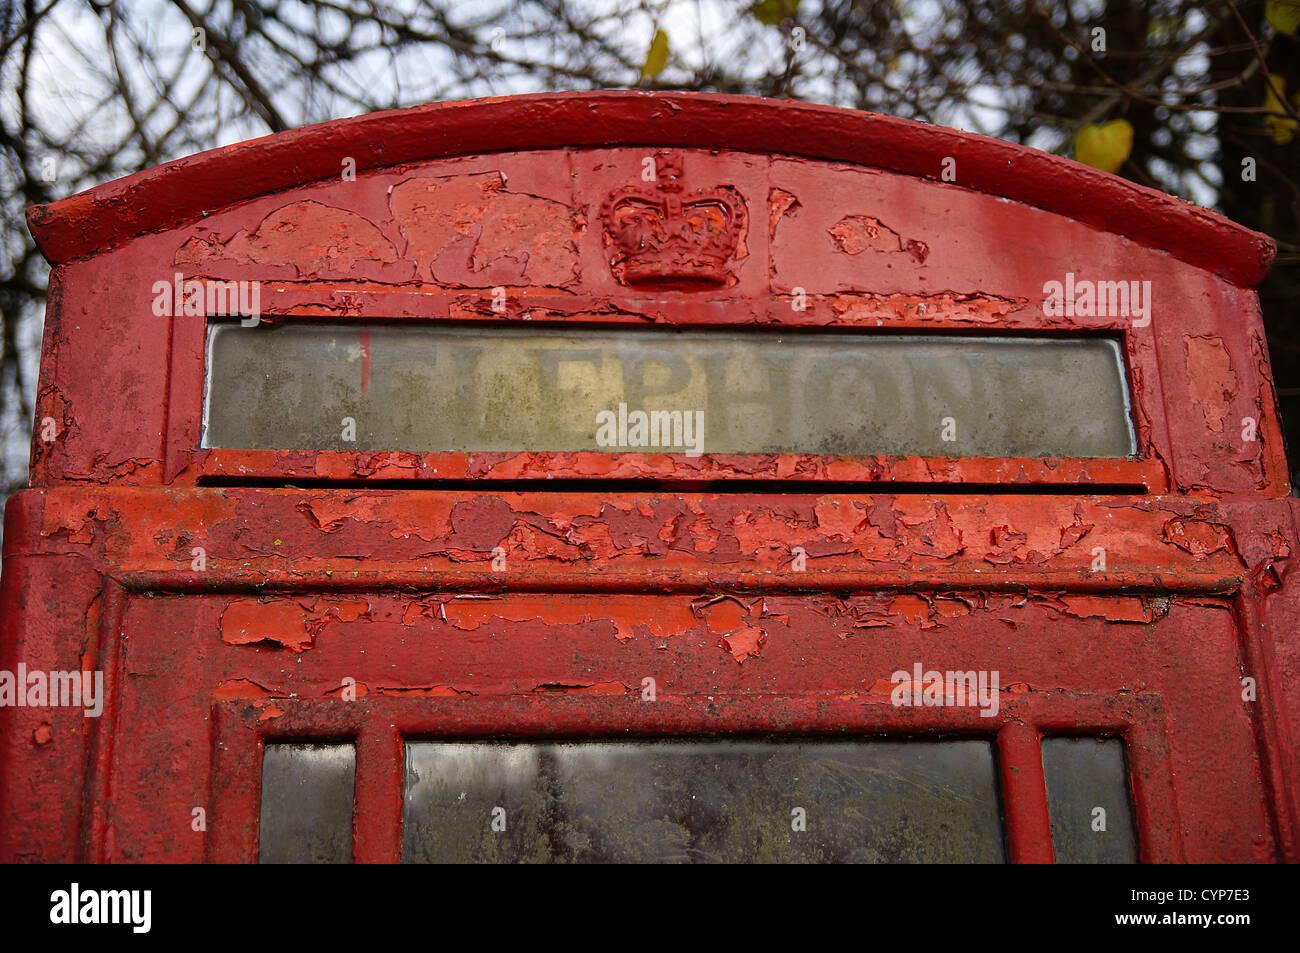 British telephone box, Hampshire, UK. - Stock Image